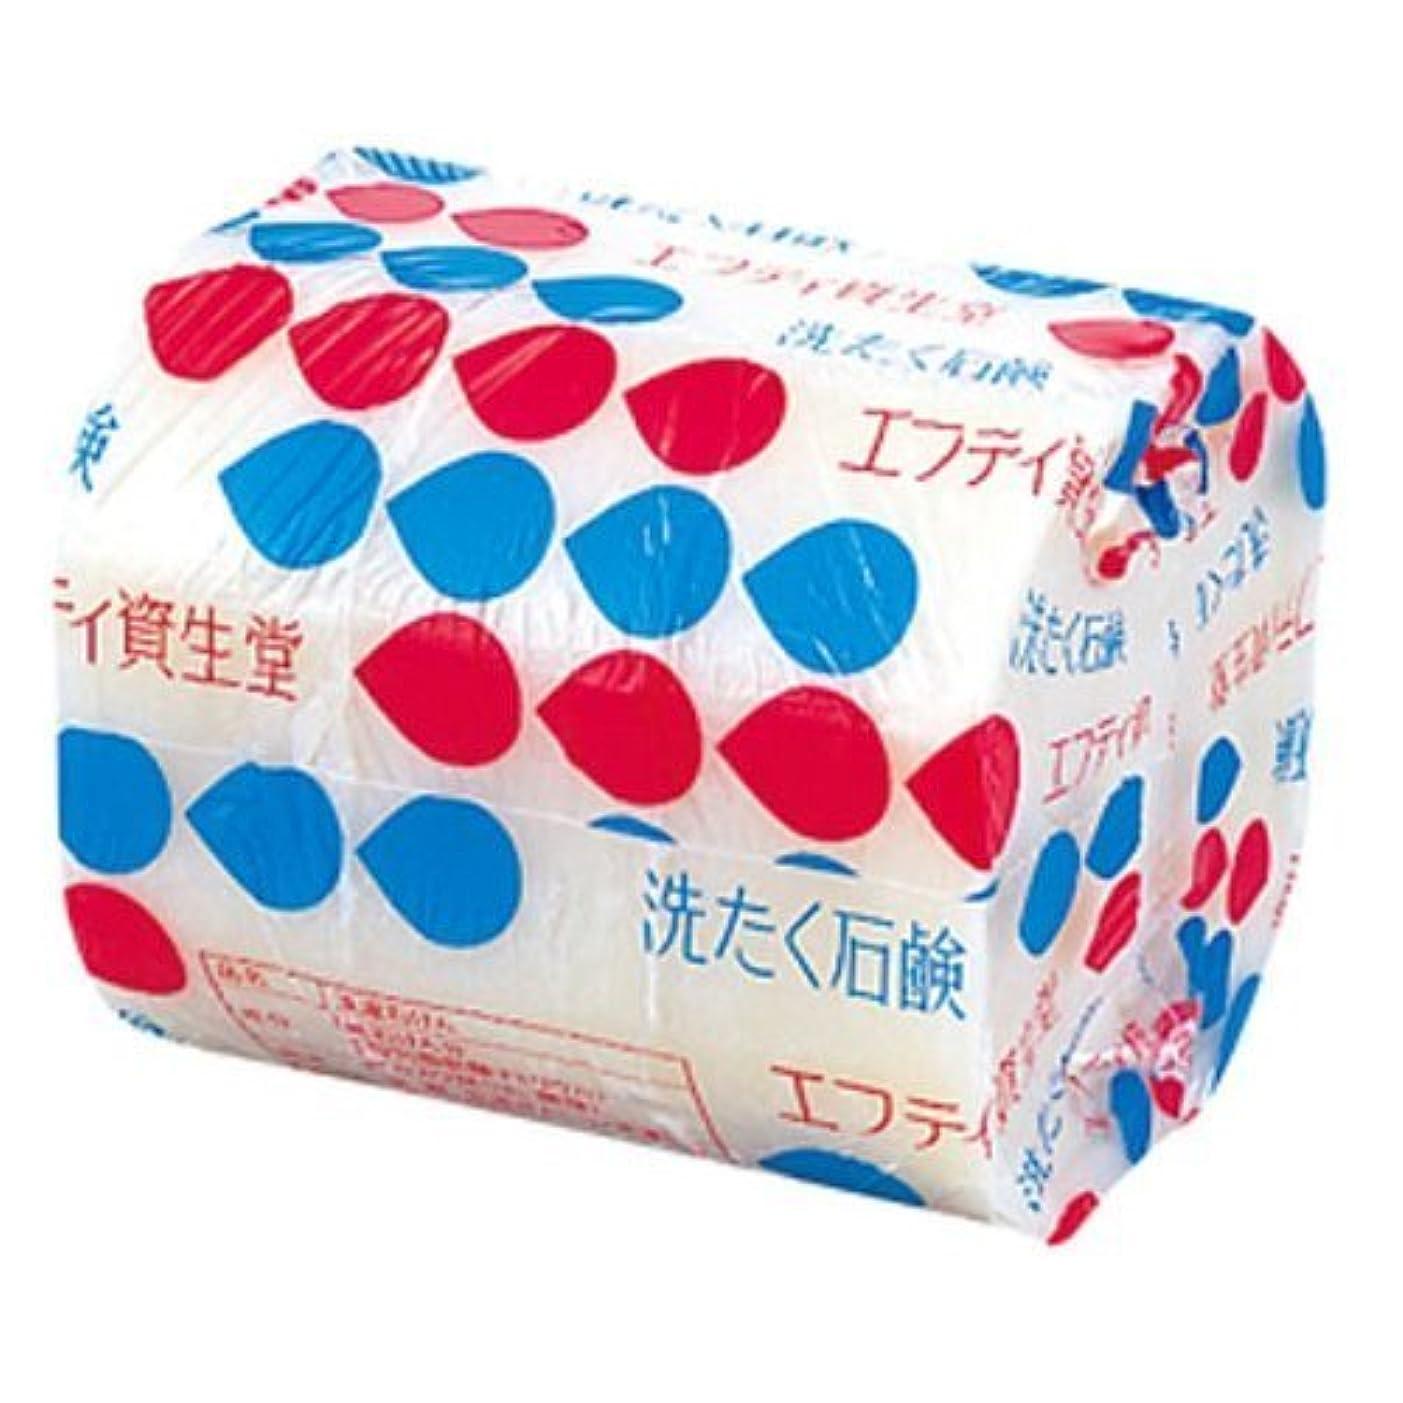 環境飢数字【資生堂】エフティ資生堂洗たく石鹸花椿型3コパック200g